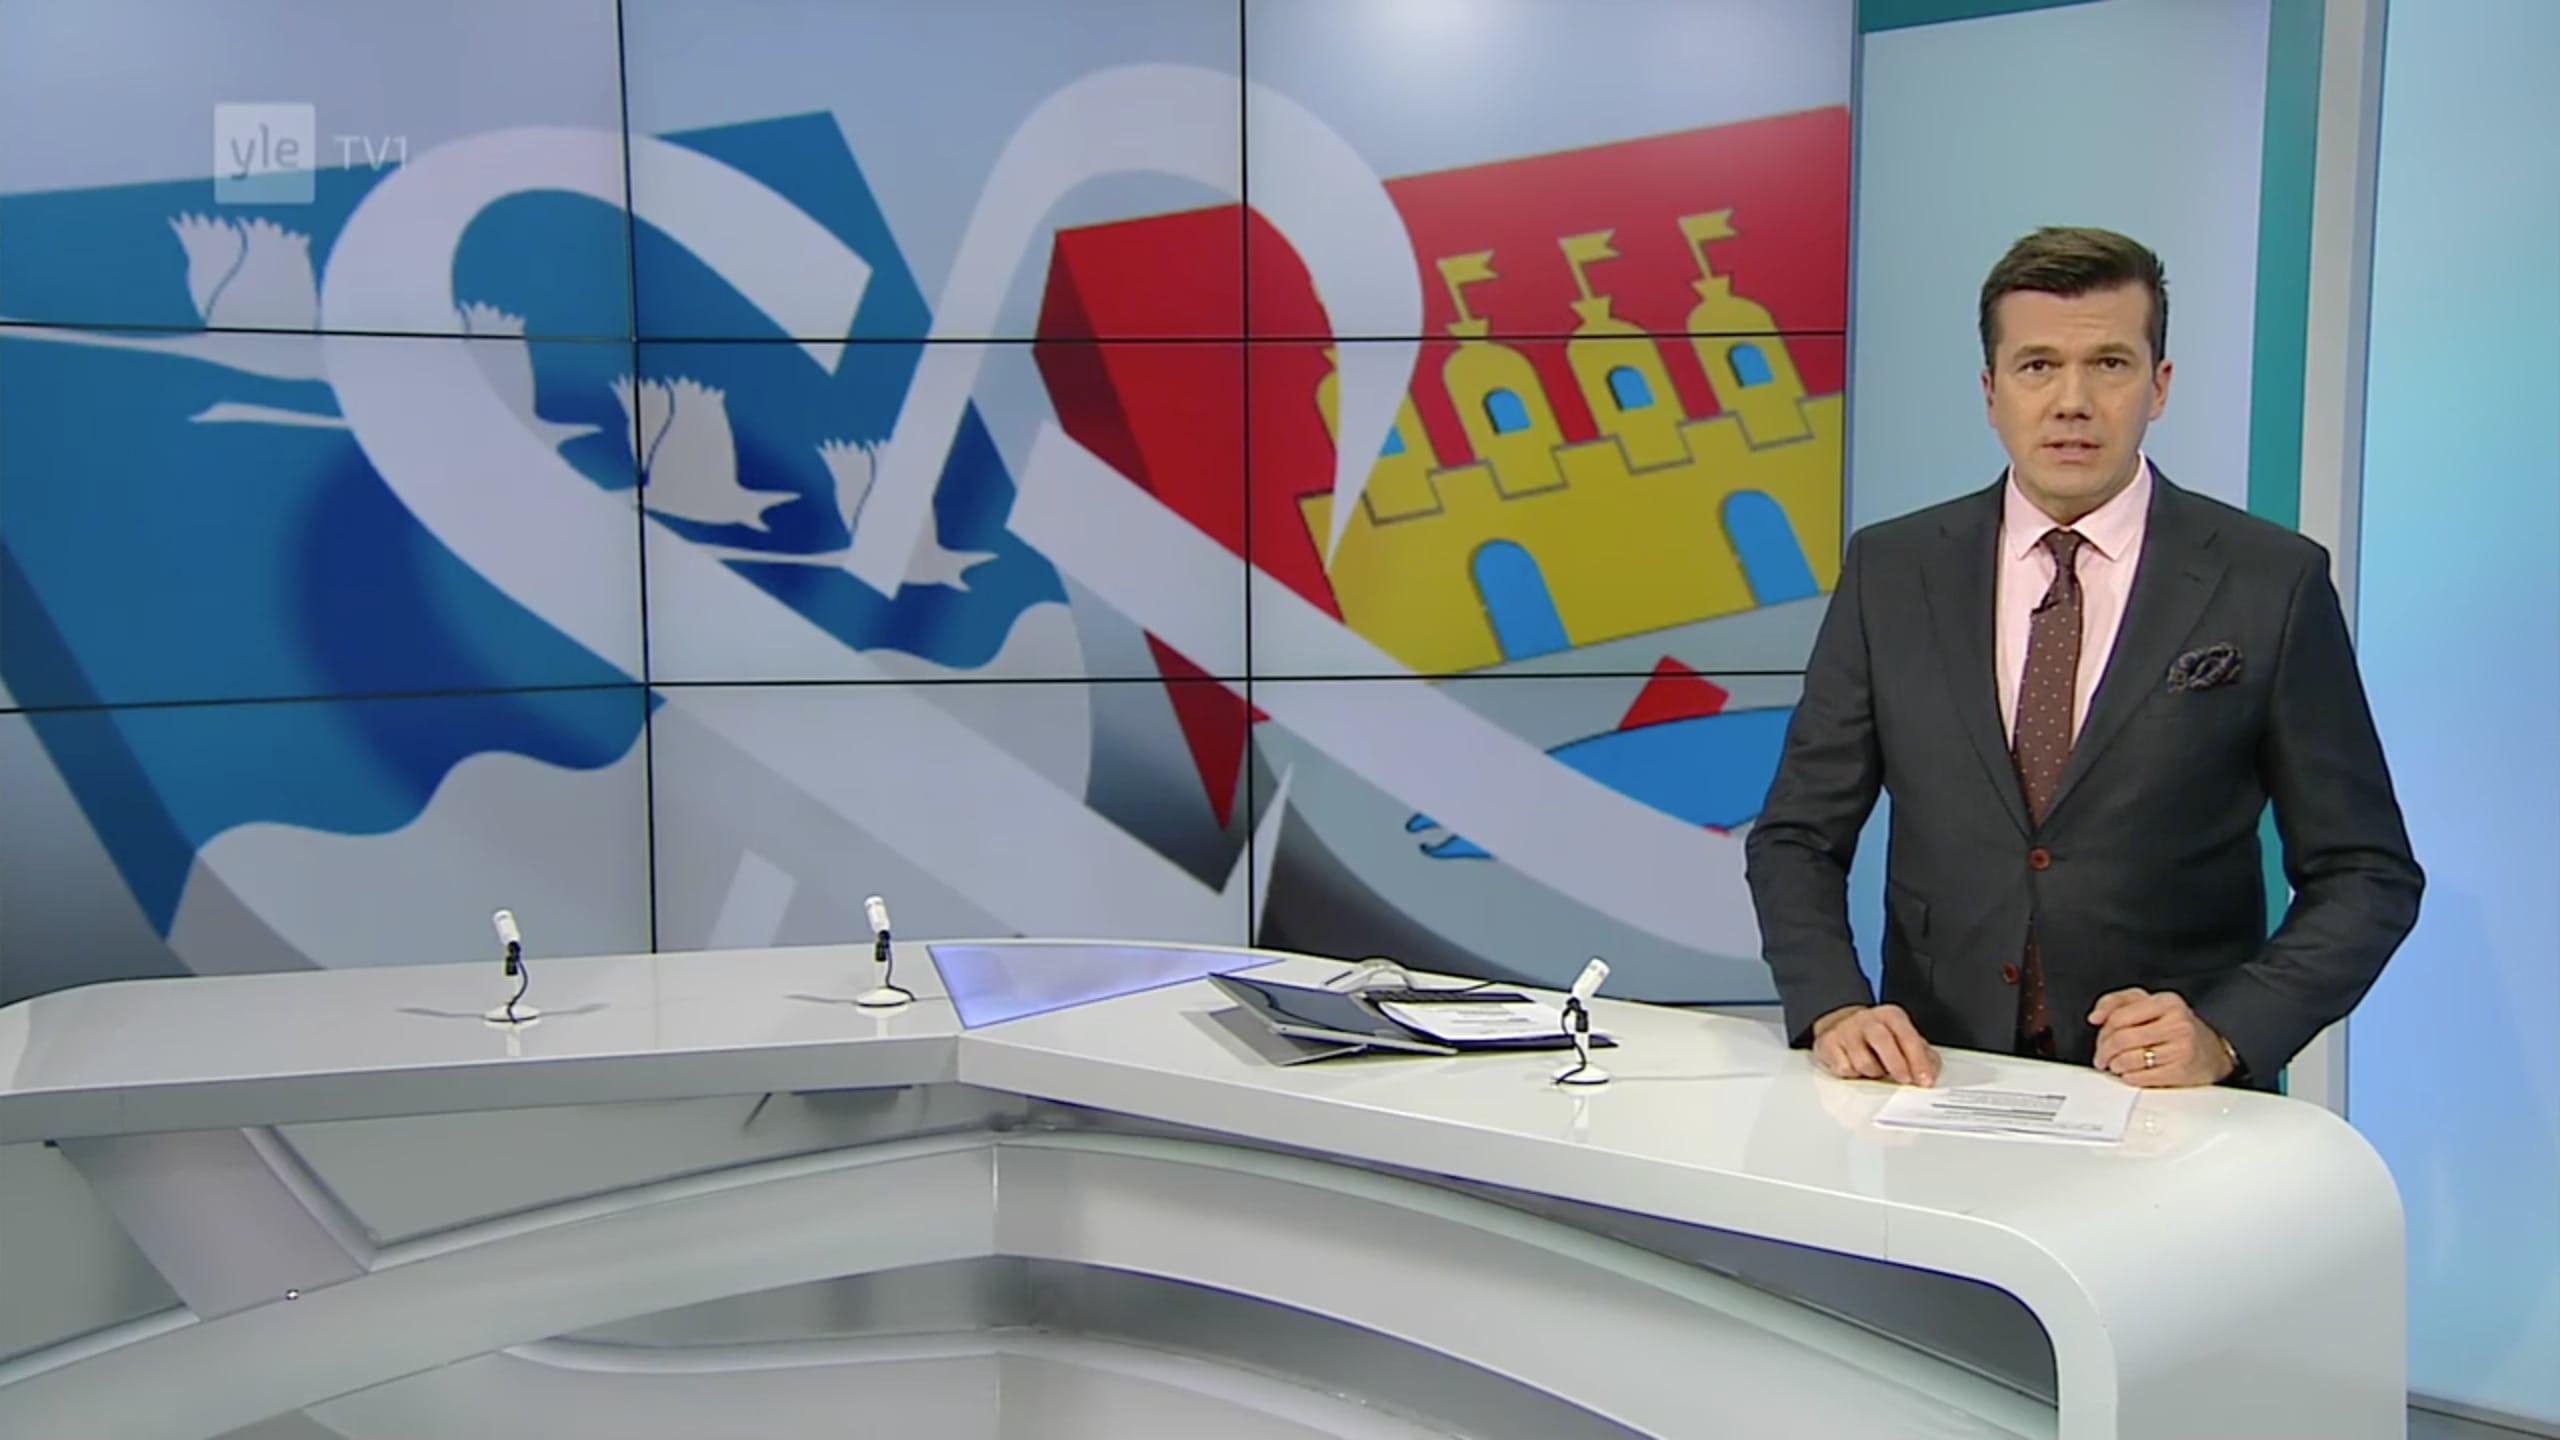 Tv-Uutiset